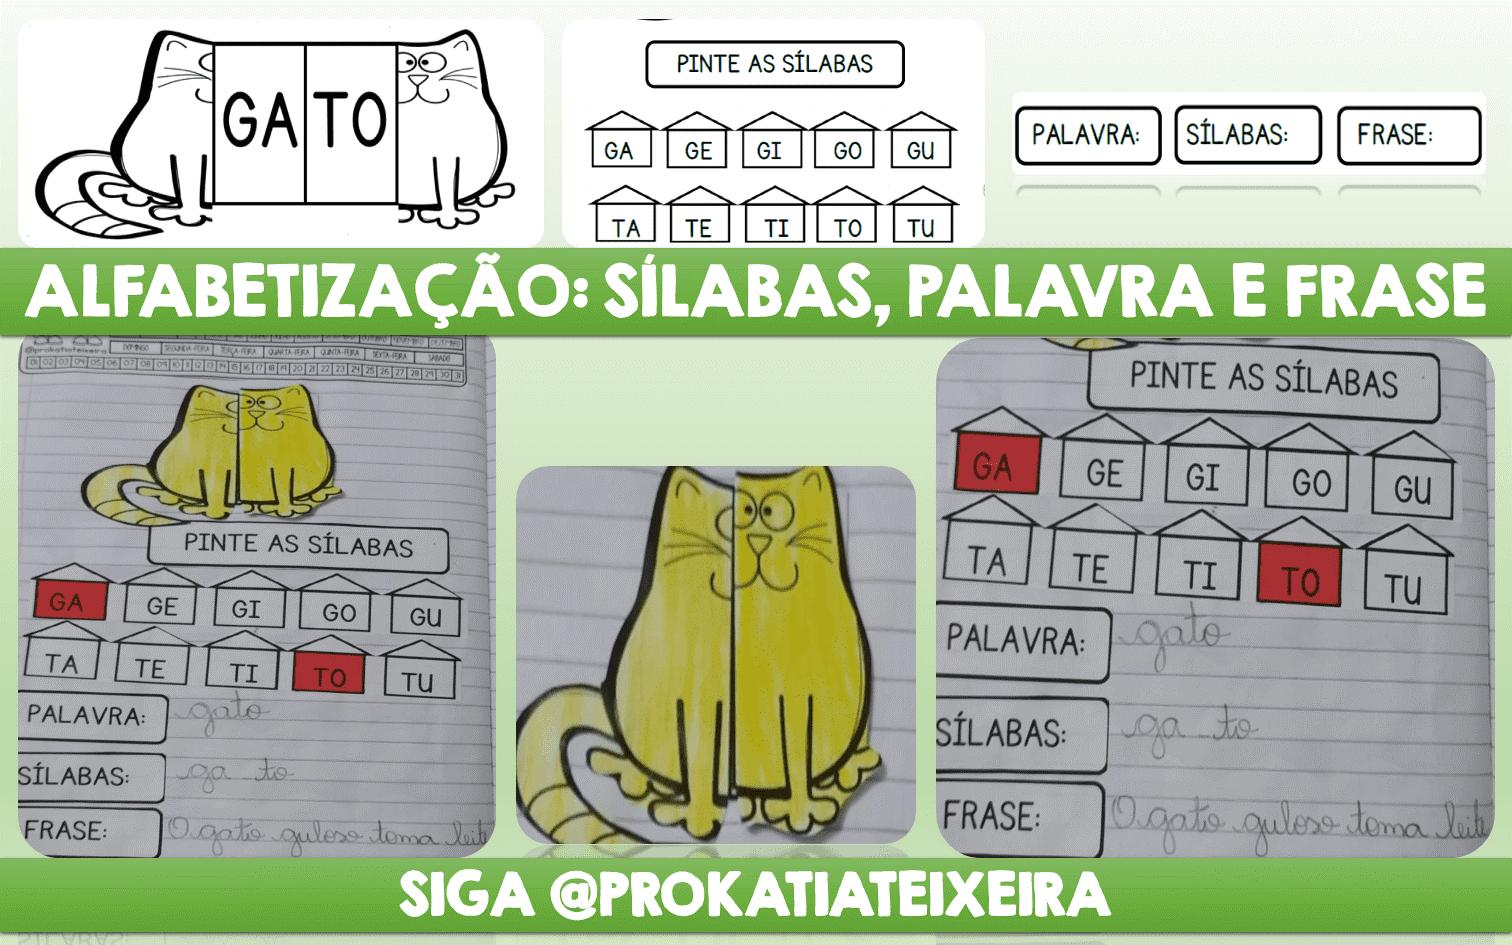 Alfabetização palavra gato: sílabas, palavra e frase